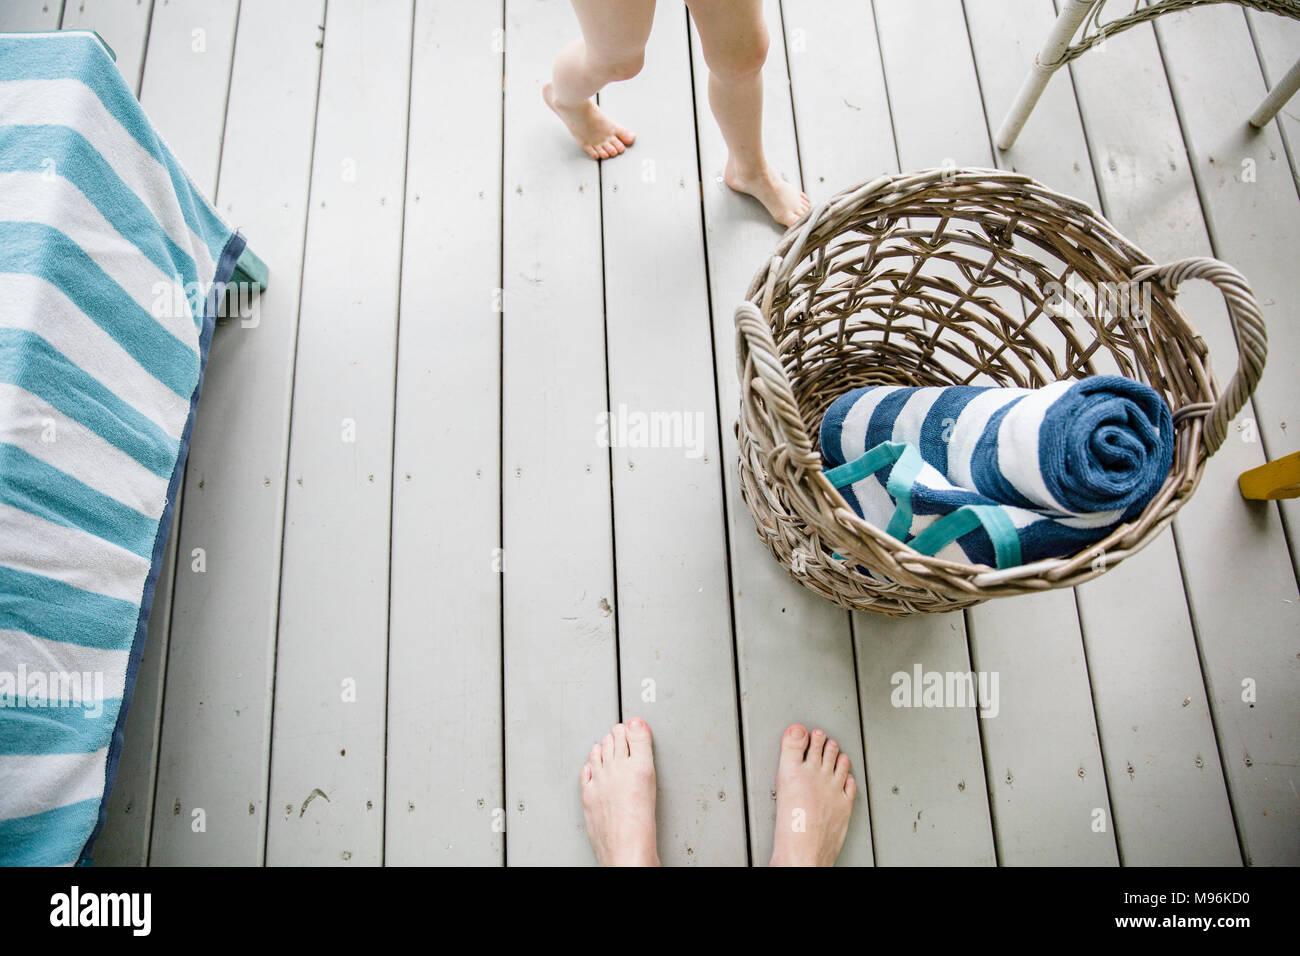 Cesta de mimbre con toallas, junto a los pies de los niños Imagen De Stock